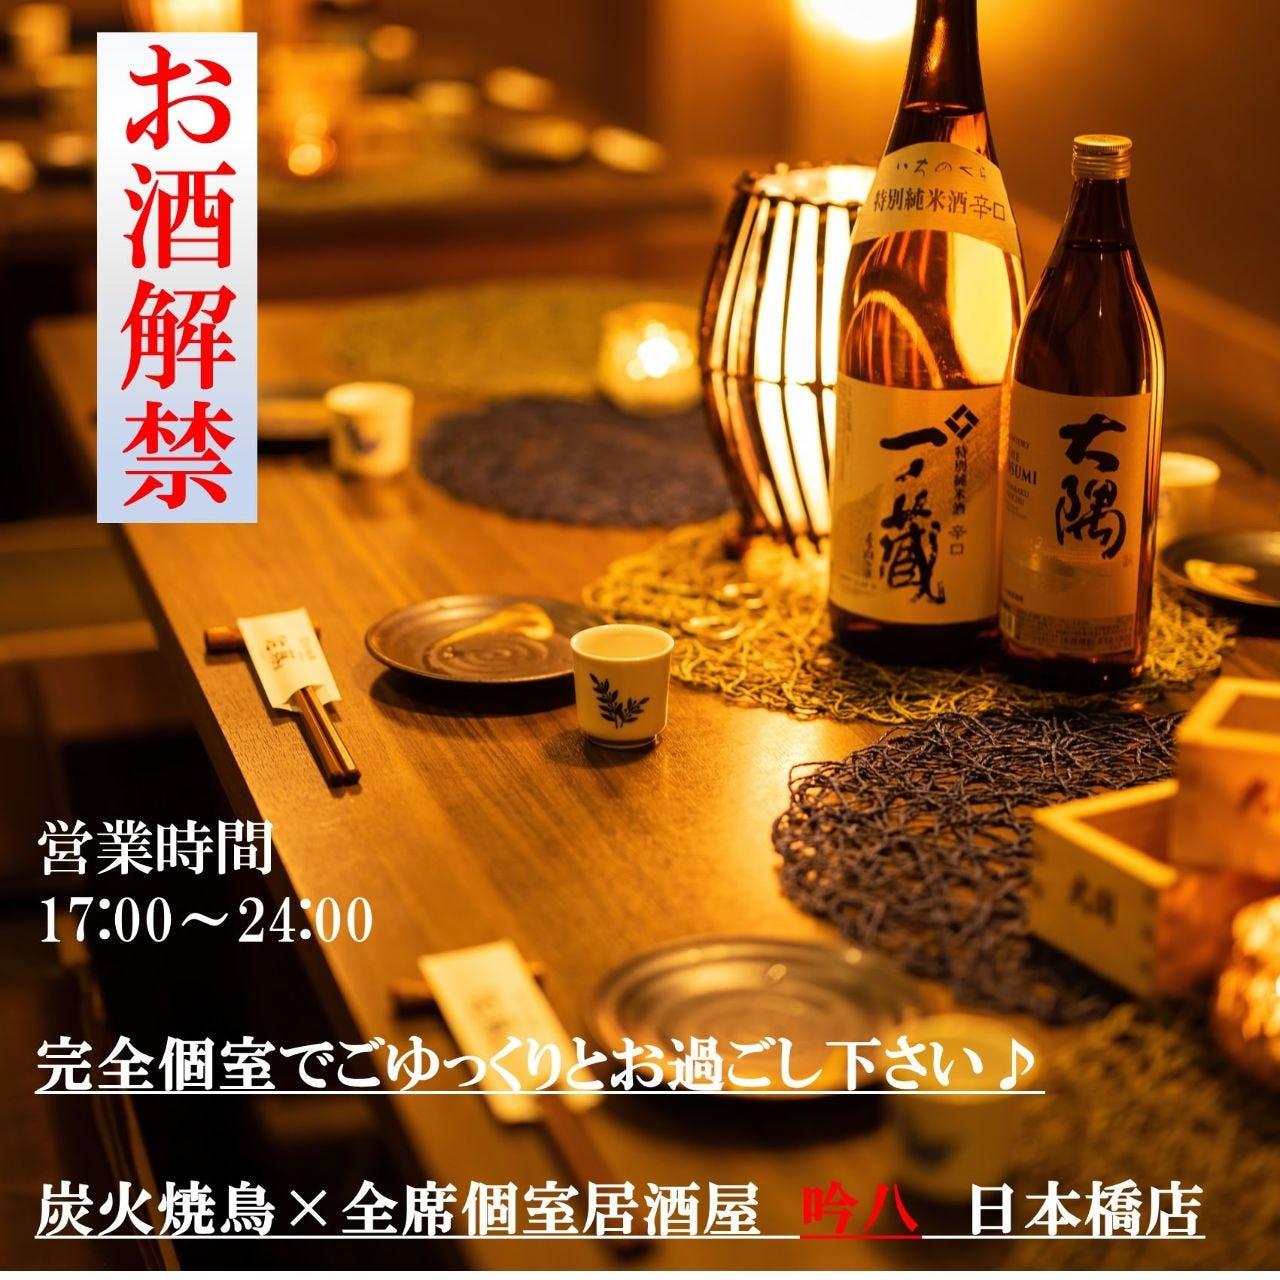 炭火焼鳥専門×全席個室居酒屋 吟八 日本橋店